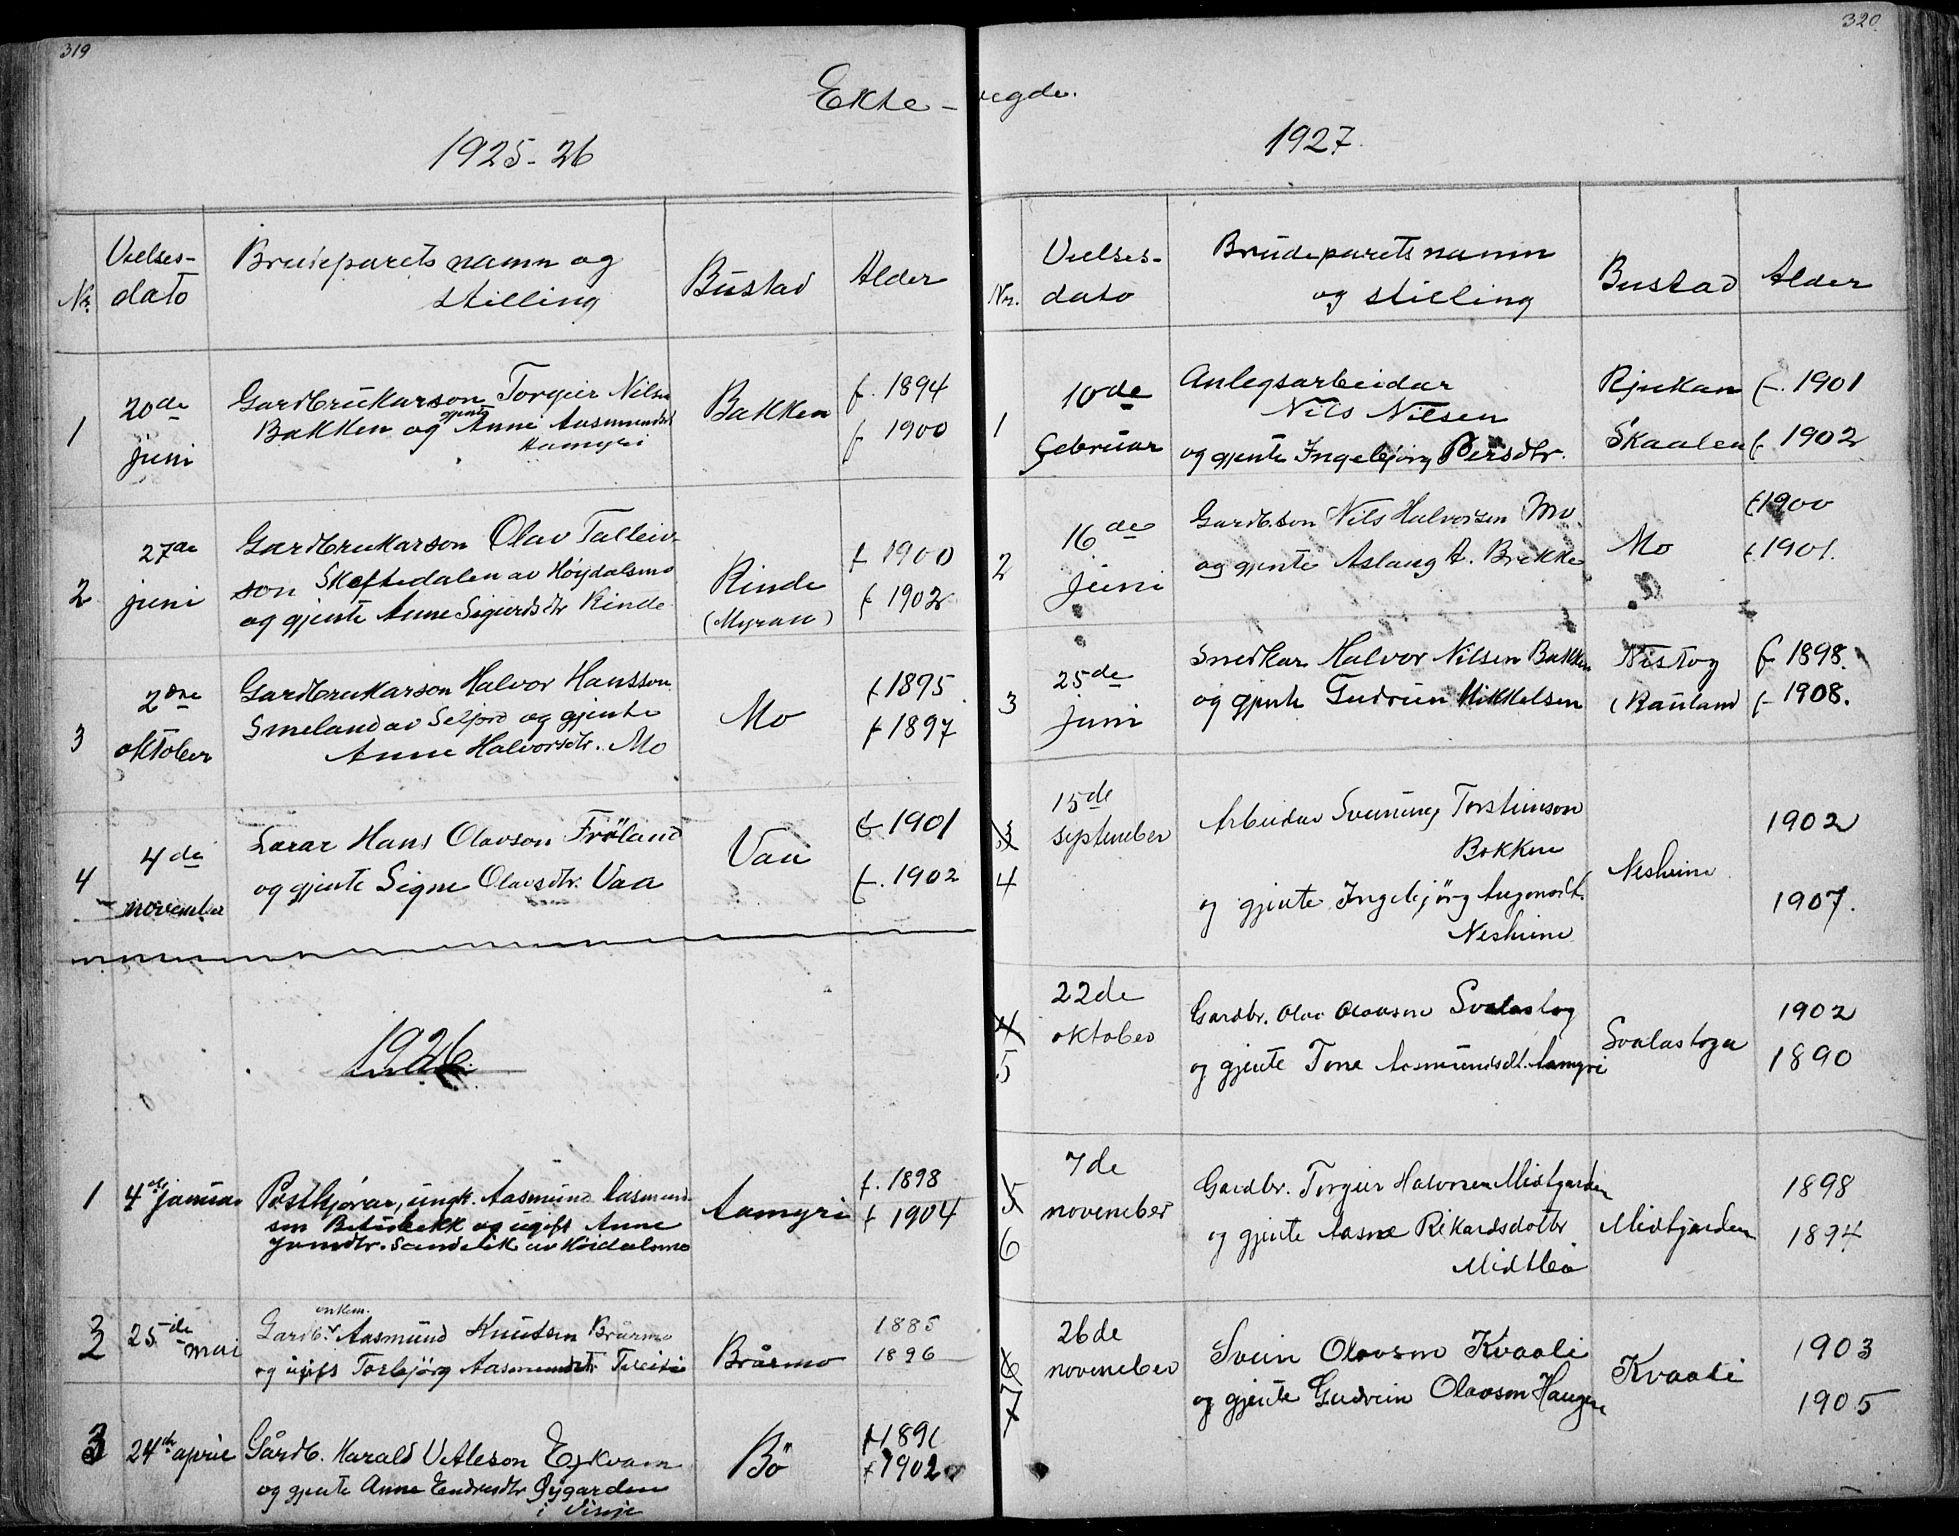 SAKO, Rauland kirkebøker, G/Ga/L0002: Klokkerbok nr. I 2, 1849-1935, s. 319-320